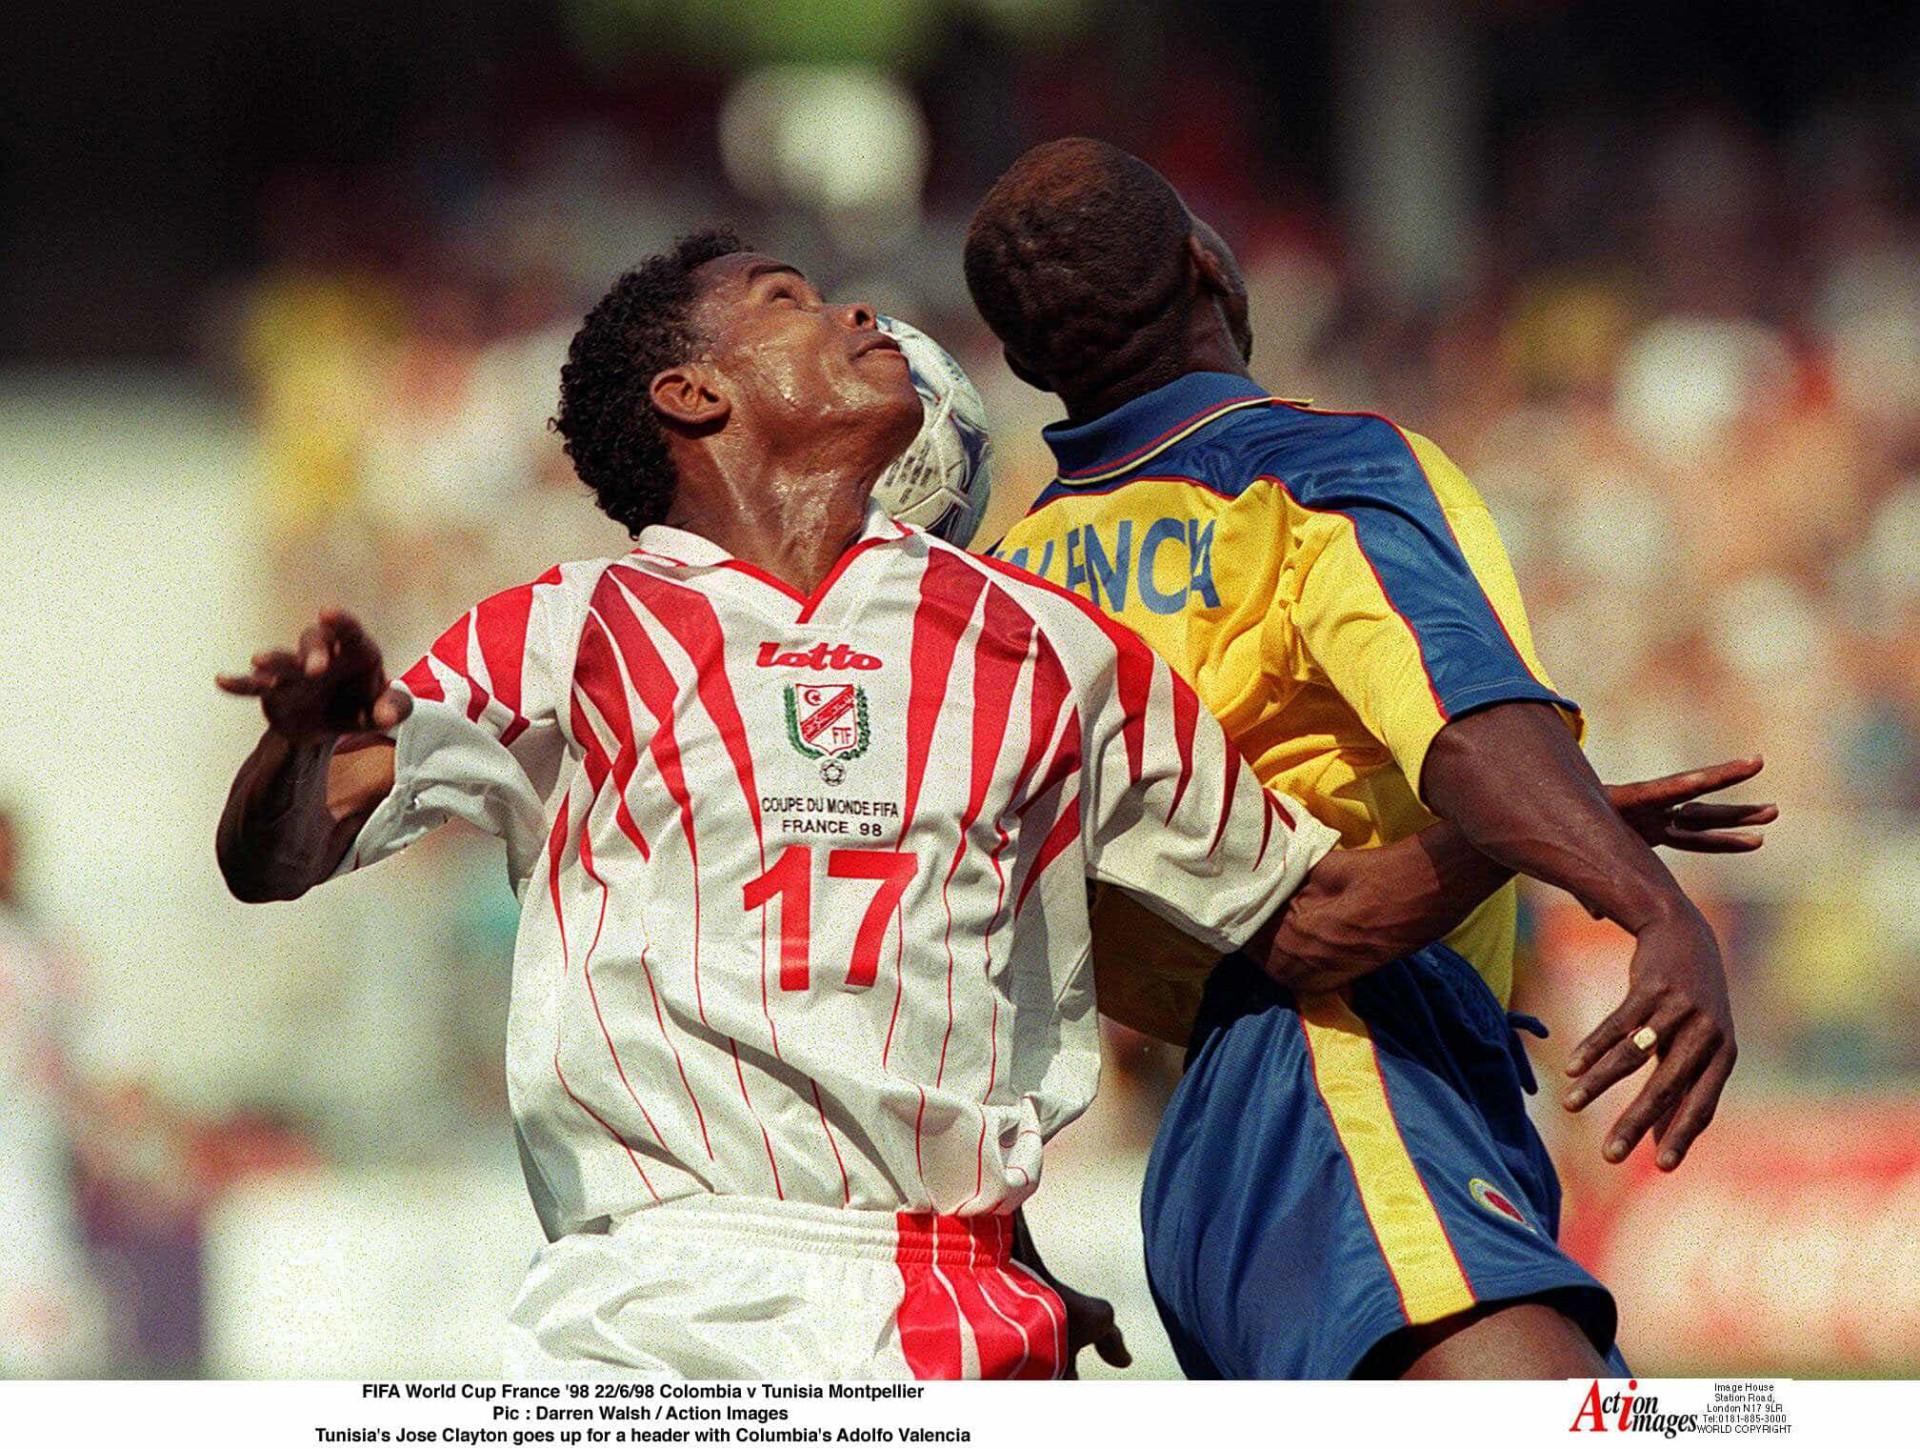 Copa de 98 foi o terror dos técnicos: três foram demitidos antes do fim